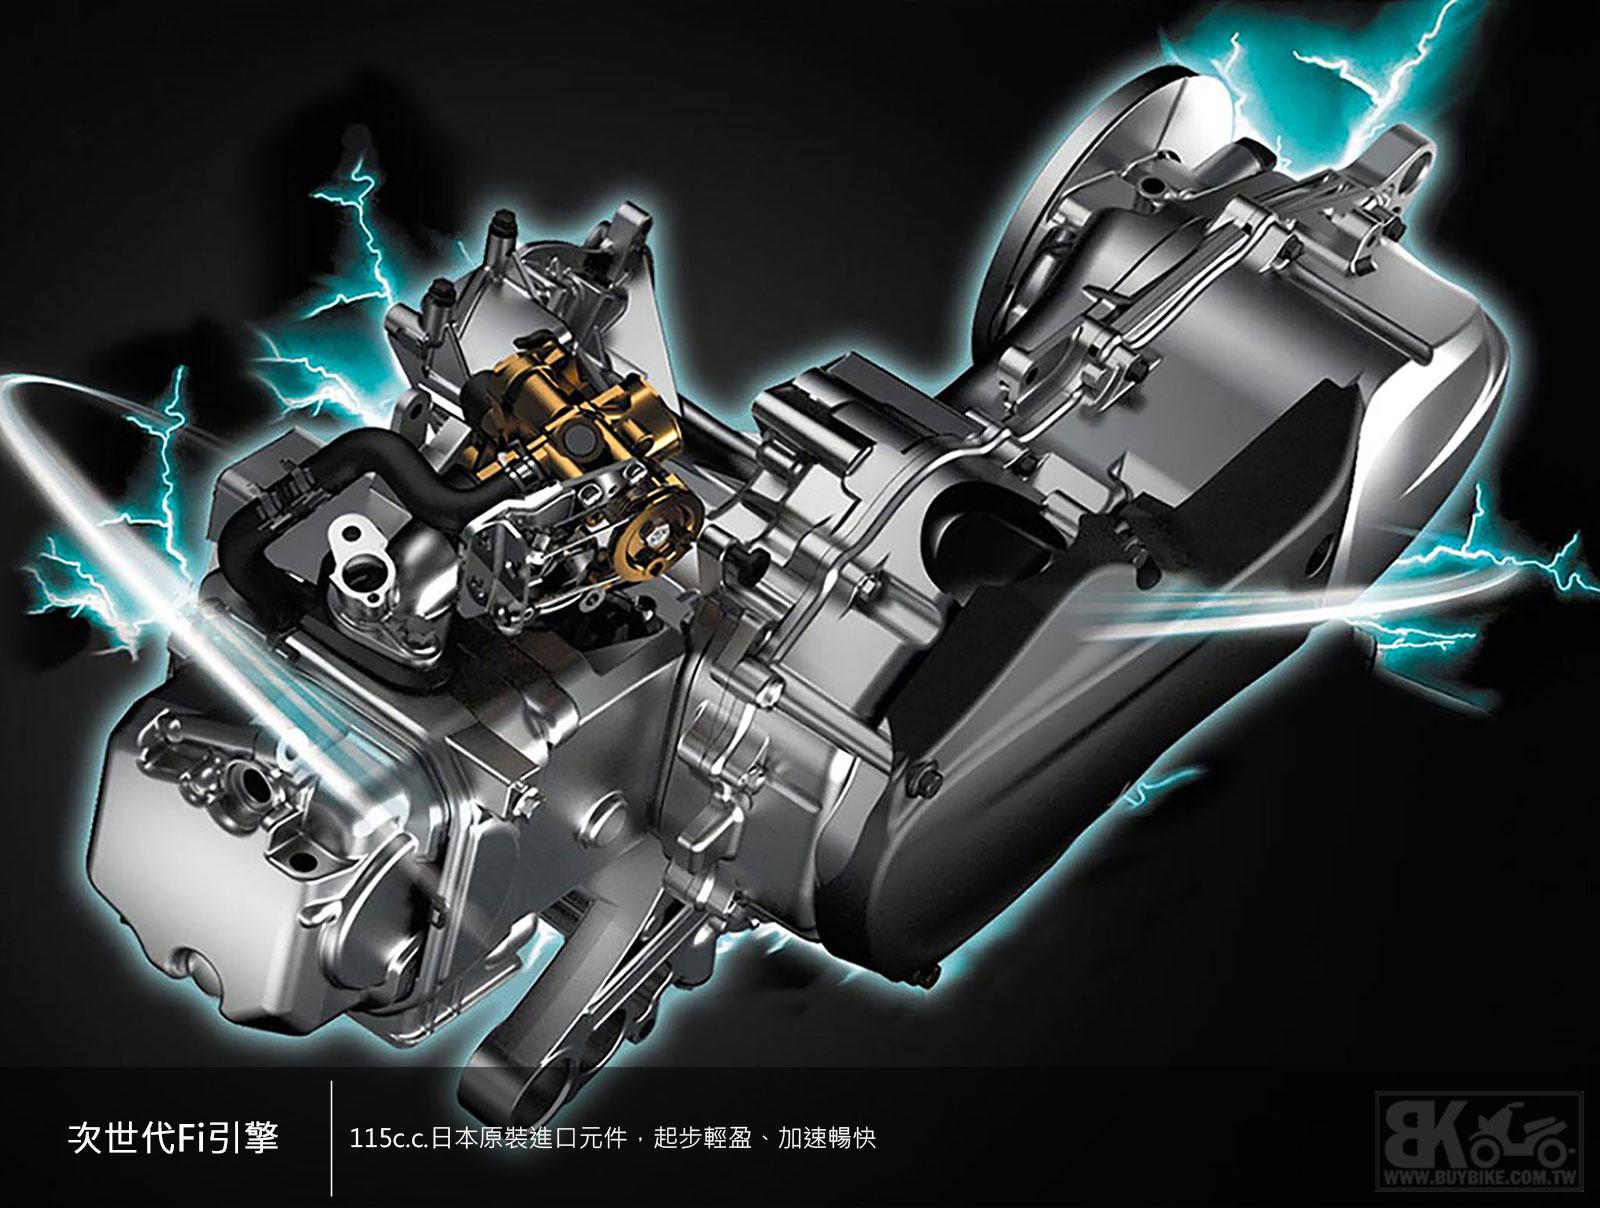 06.次世代Fi引擎